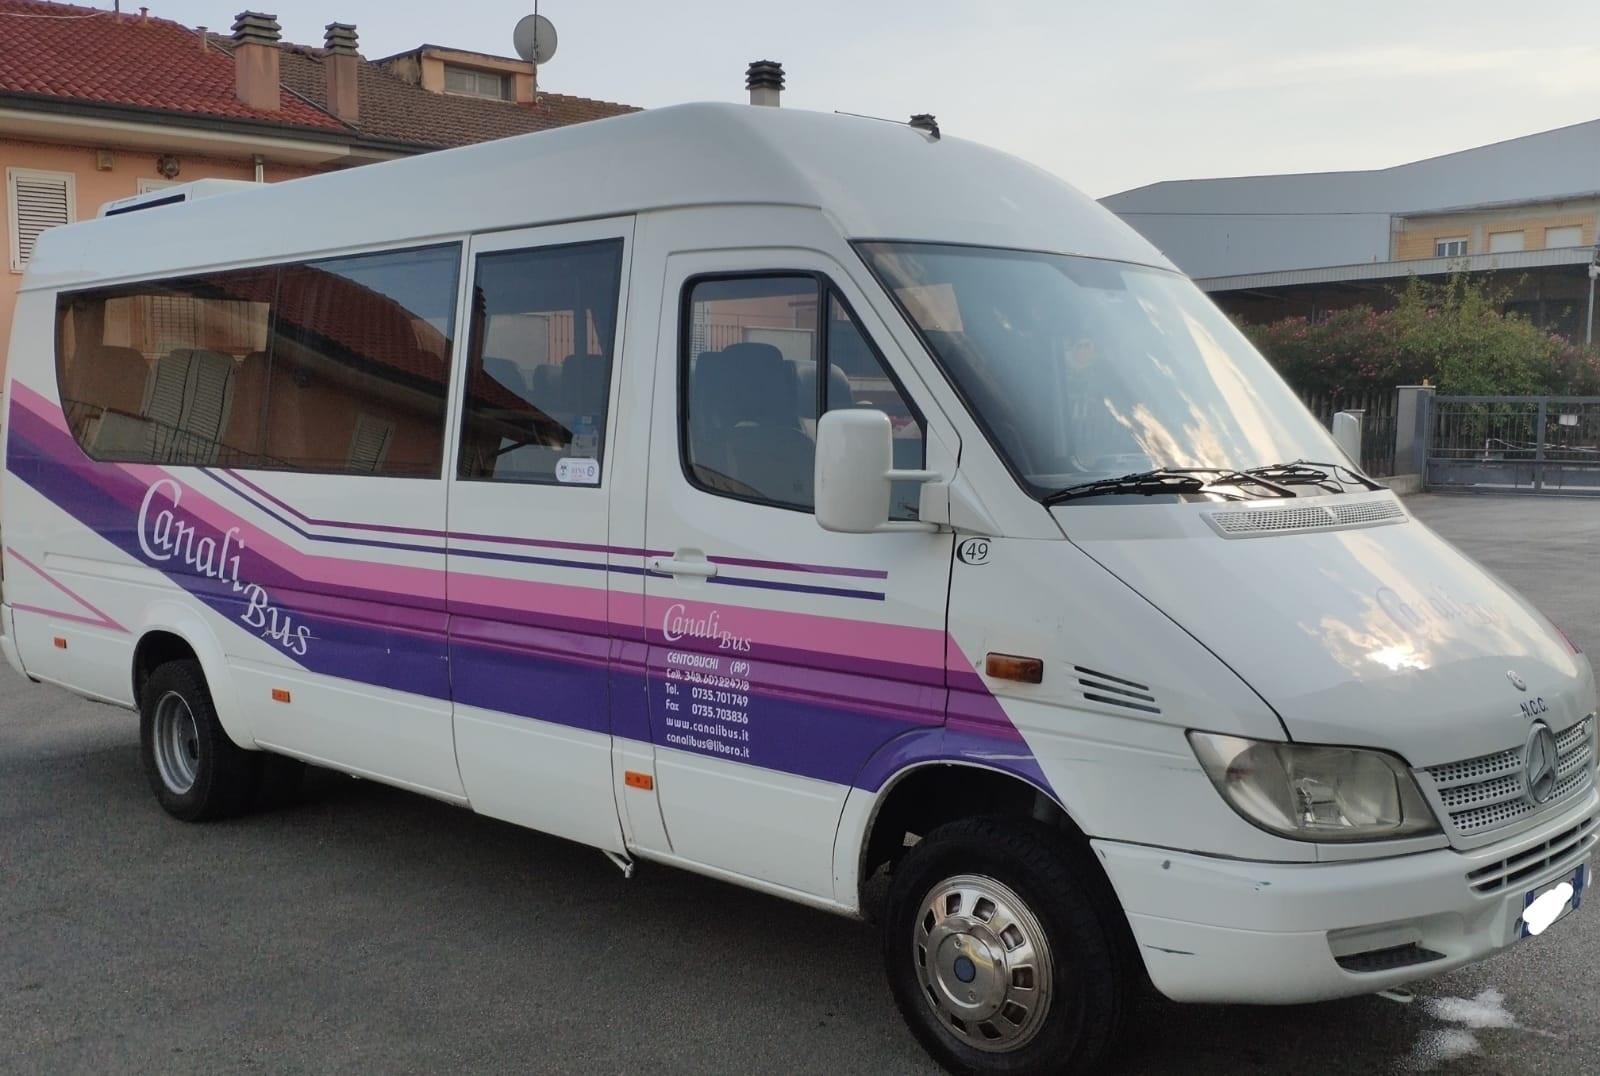 Monteprandone bus navetta - Canali - (Il Martino - ilmartino.it -)